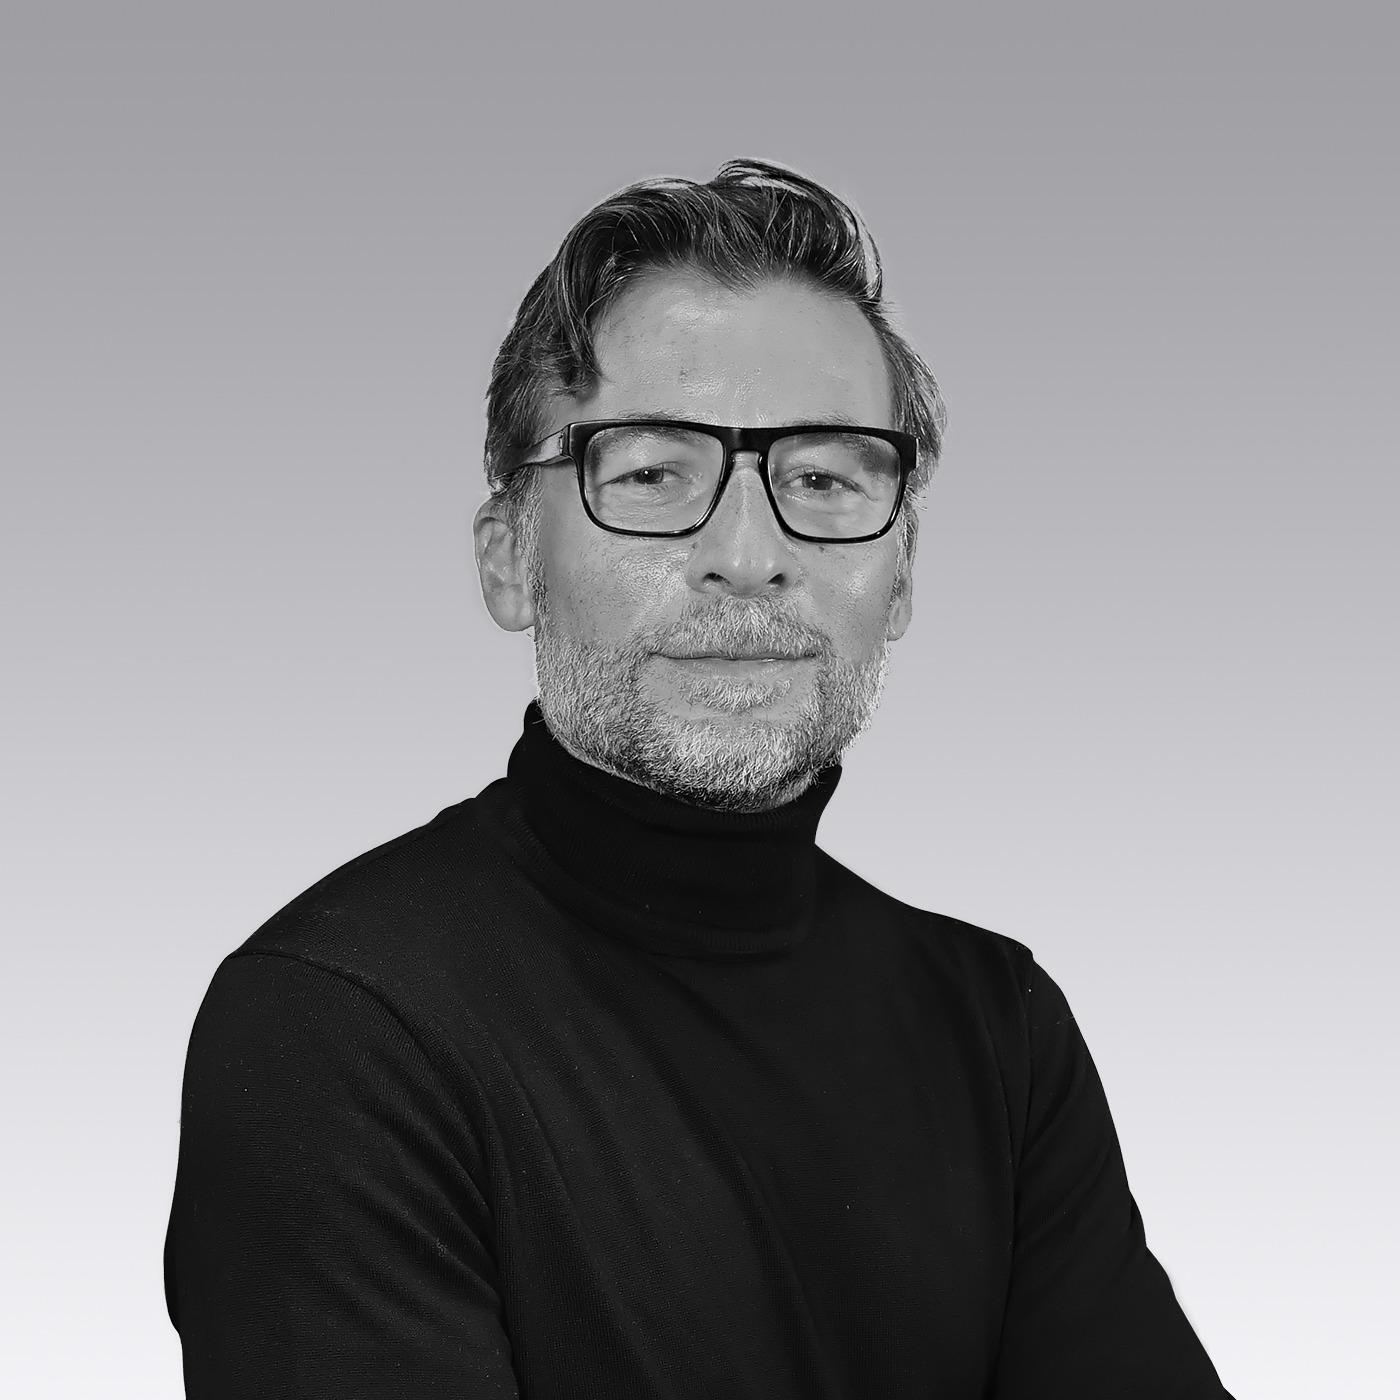 Jérôme Hautefeuille